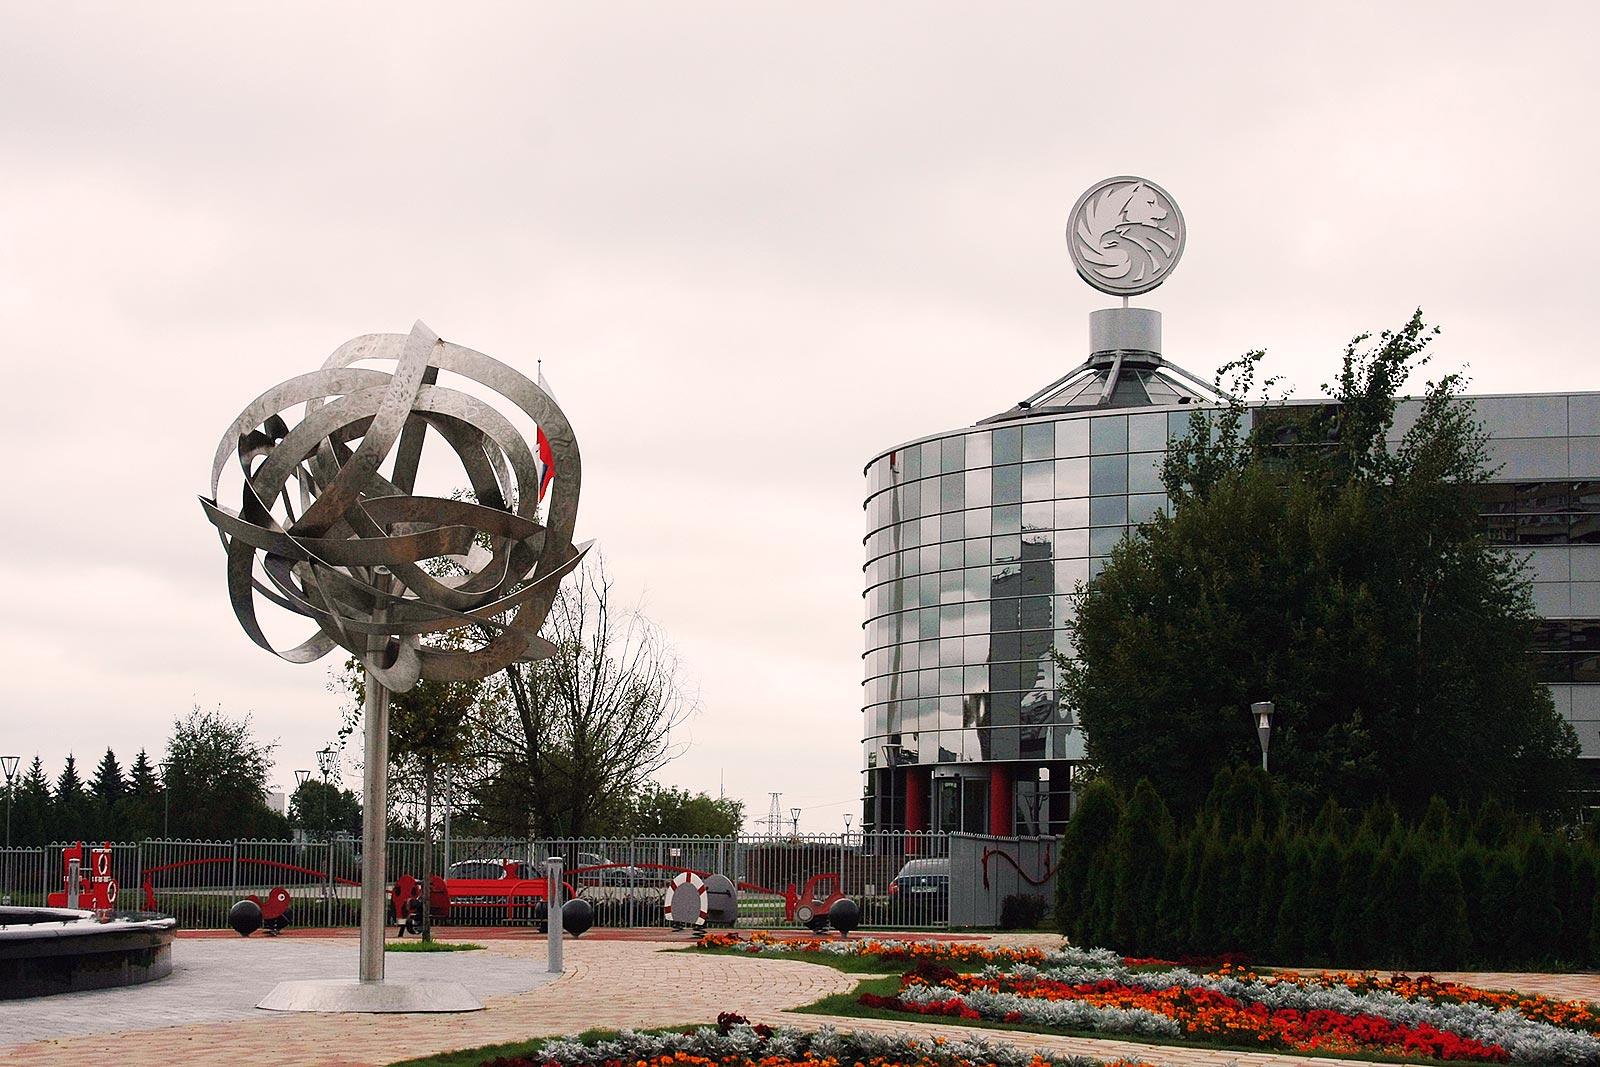 Световые деревья из нержавеющей стали – проект Solntsevo Park